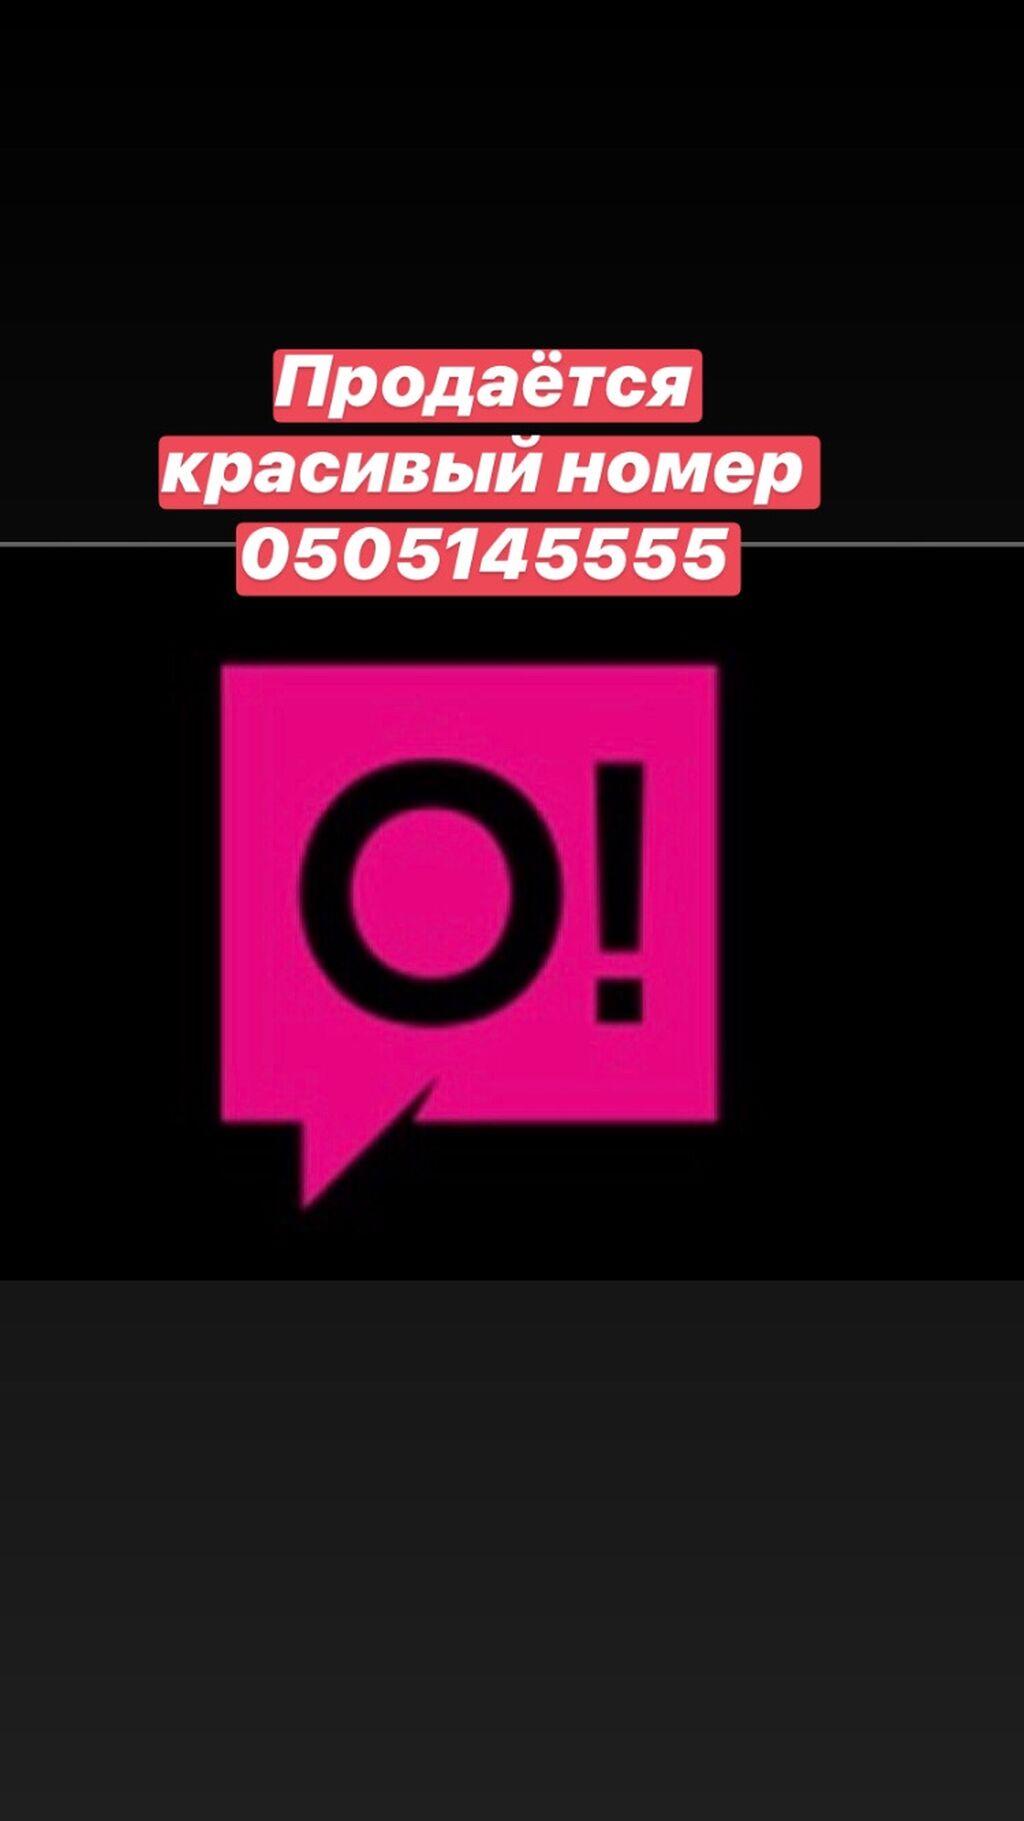 Продаётся красивый номер 0505145555